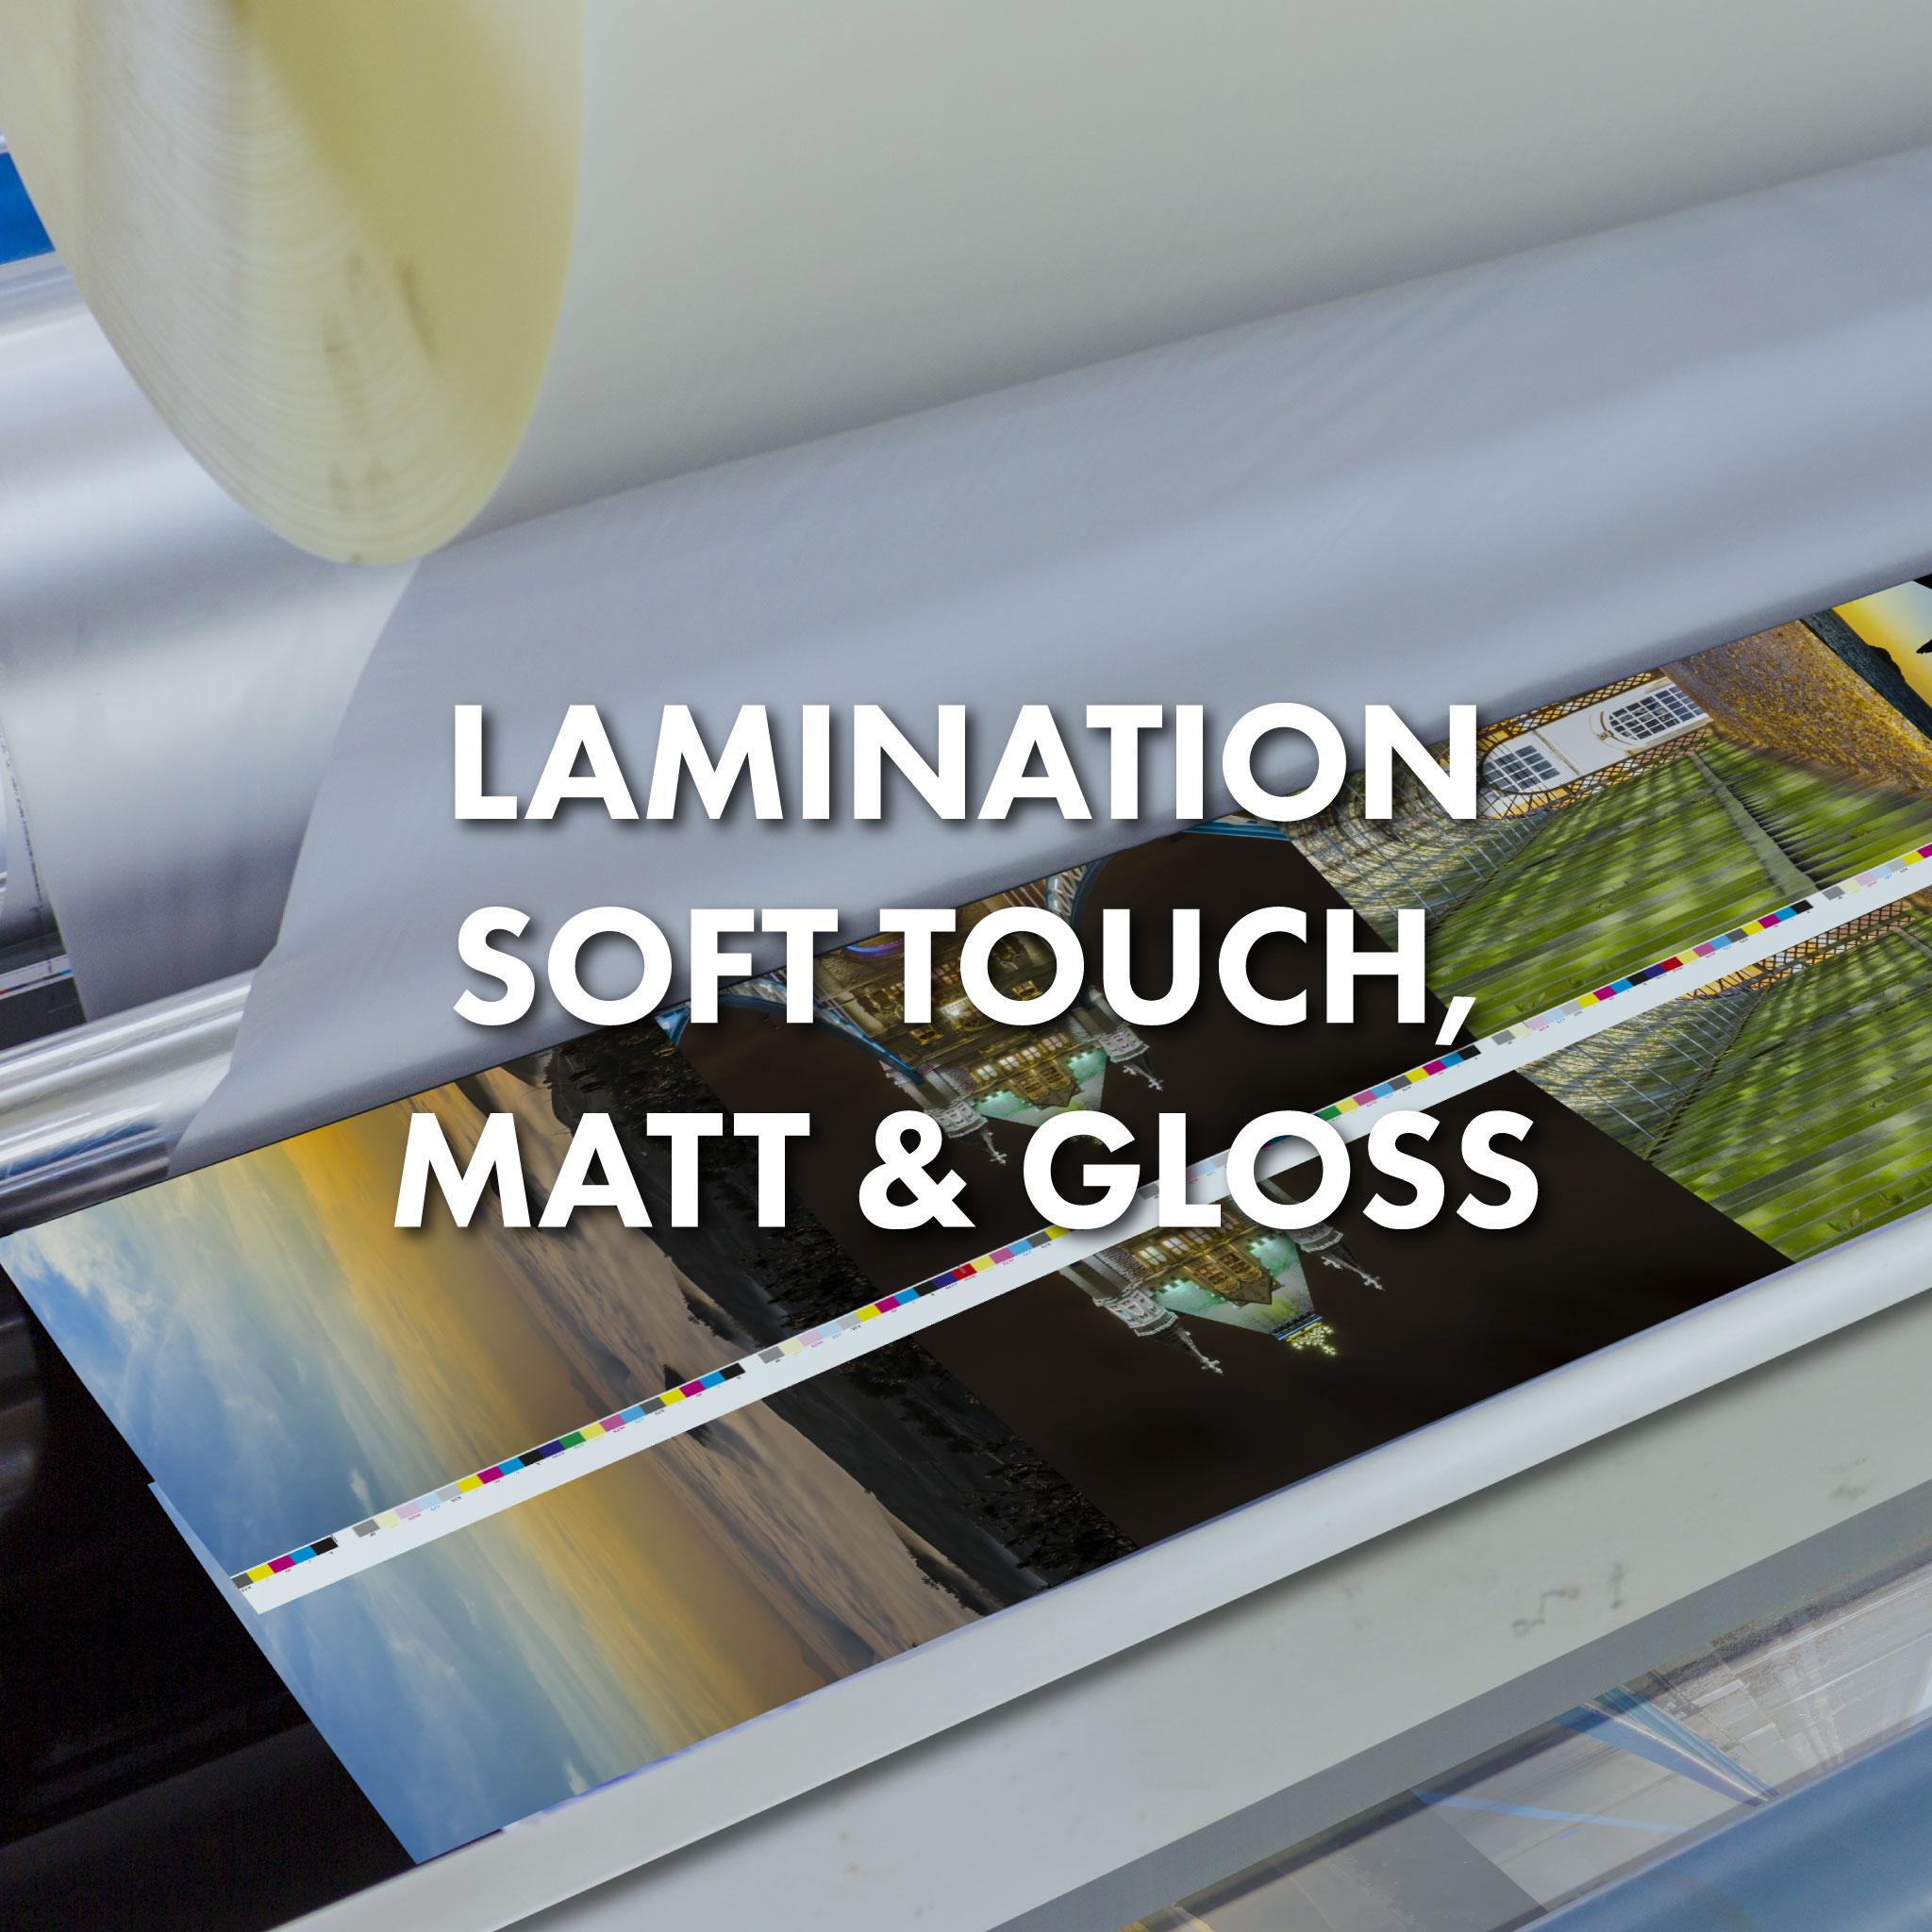 Lamination-Image.jpg